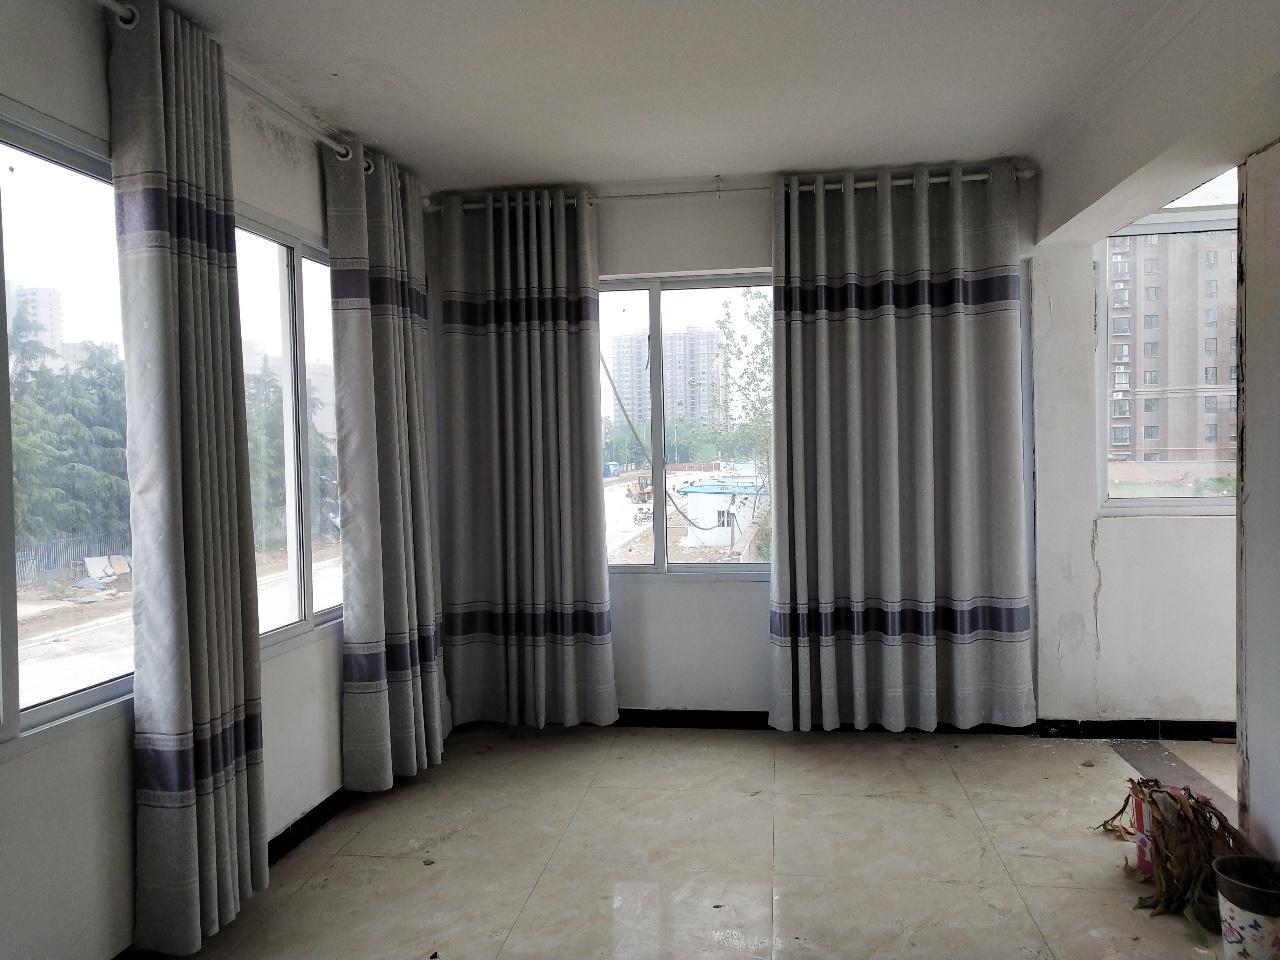 御花园4室3厅2卫72万元东边户车位储藏室精装